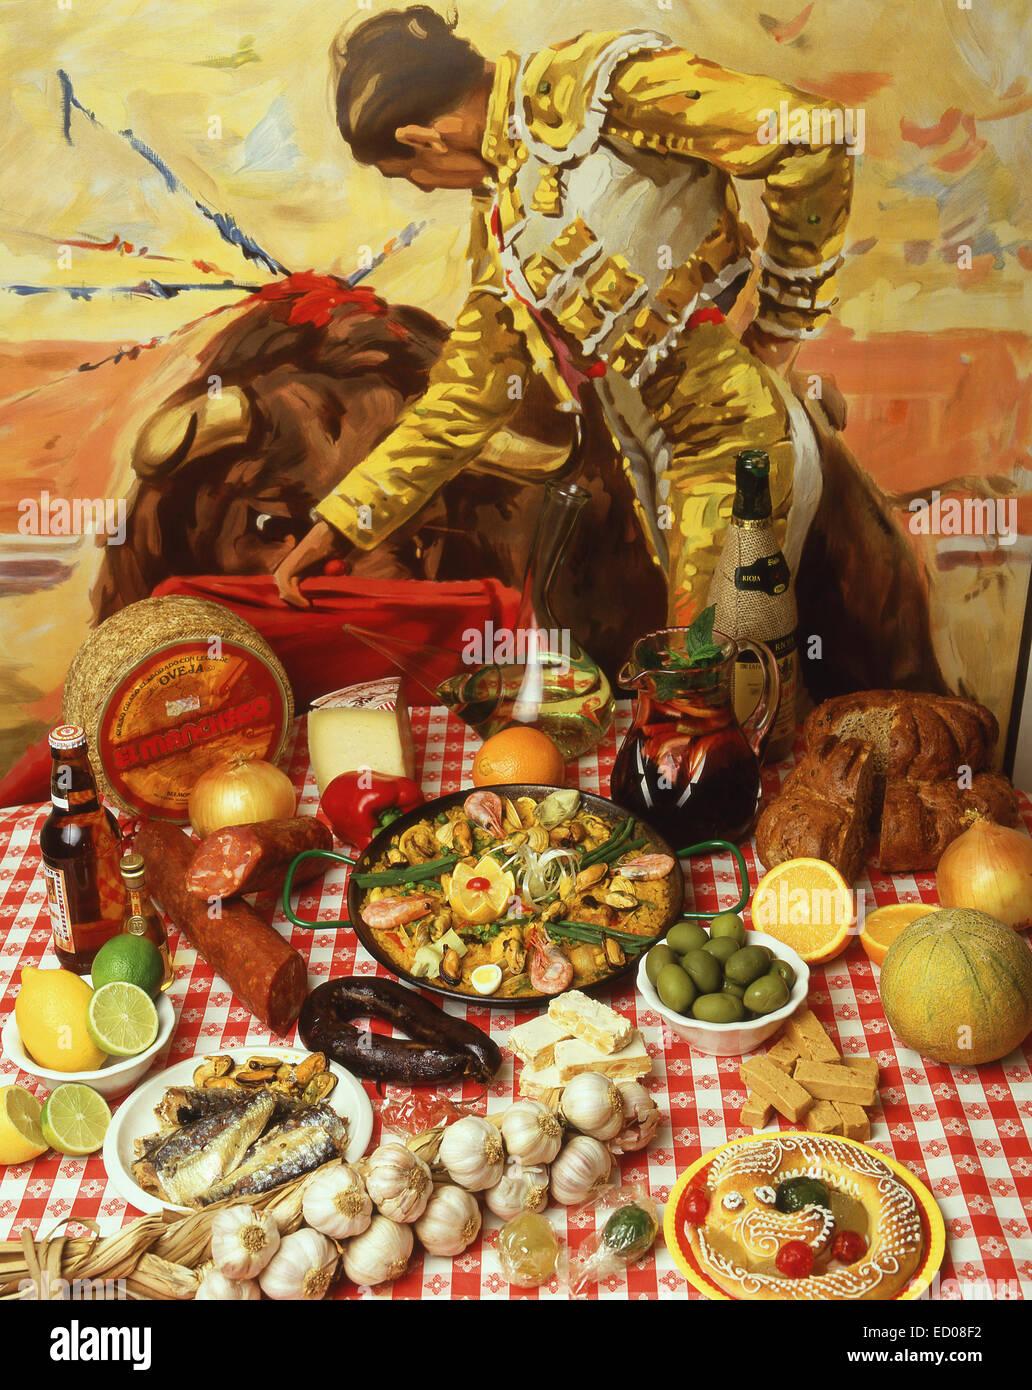 Selección de comida española en la mesa de restaurante, provincia de Alicante, España Imagen De Stock